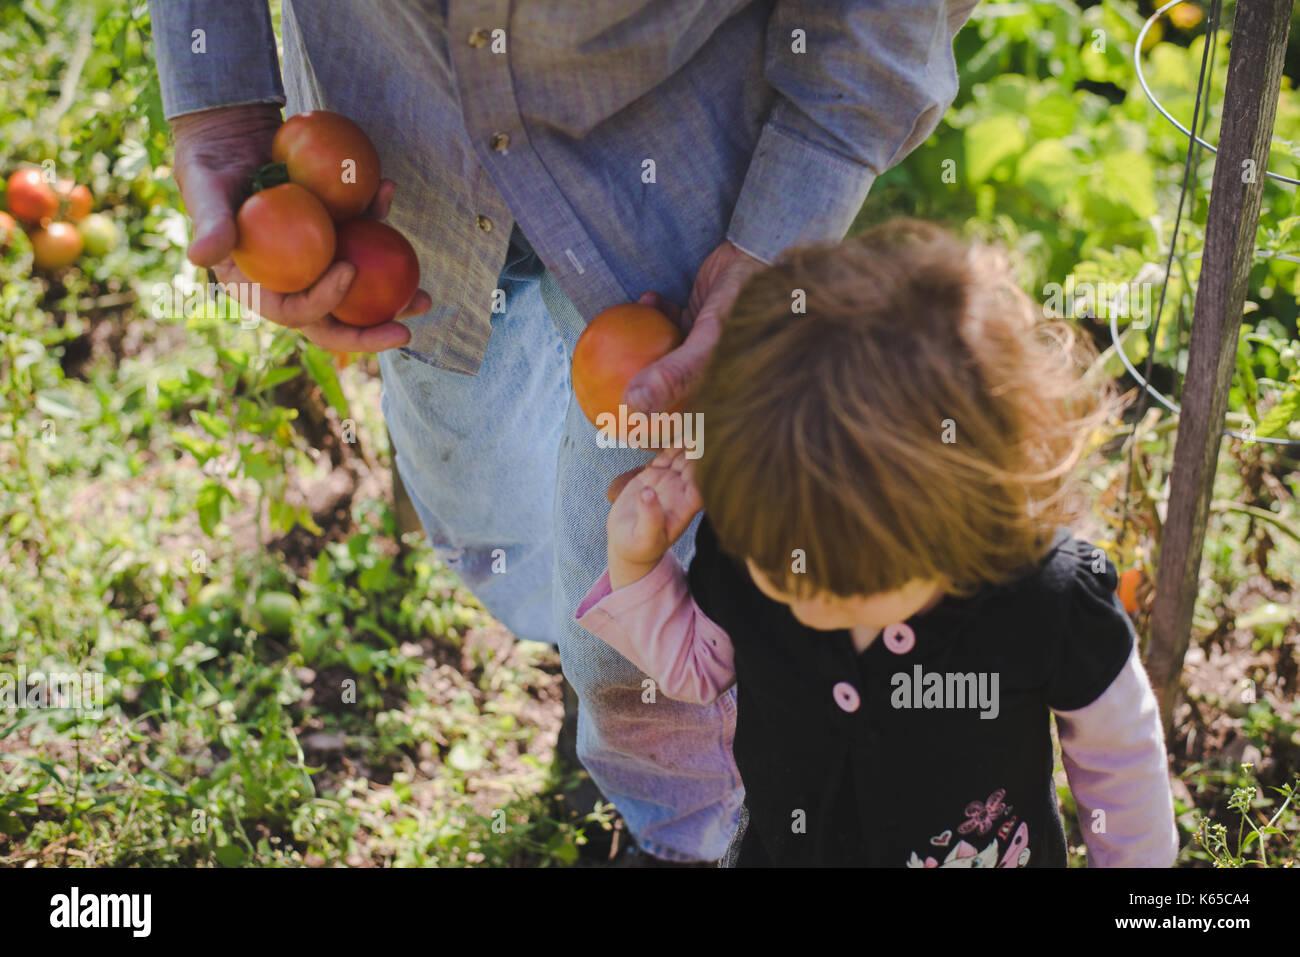 Un niño y hombre recoger tomates desde un jardín exterior. Imagen De Stock